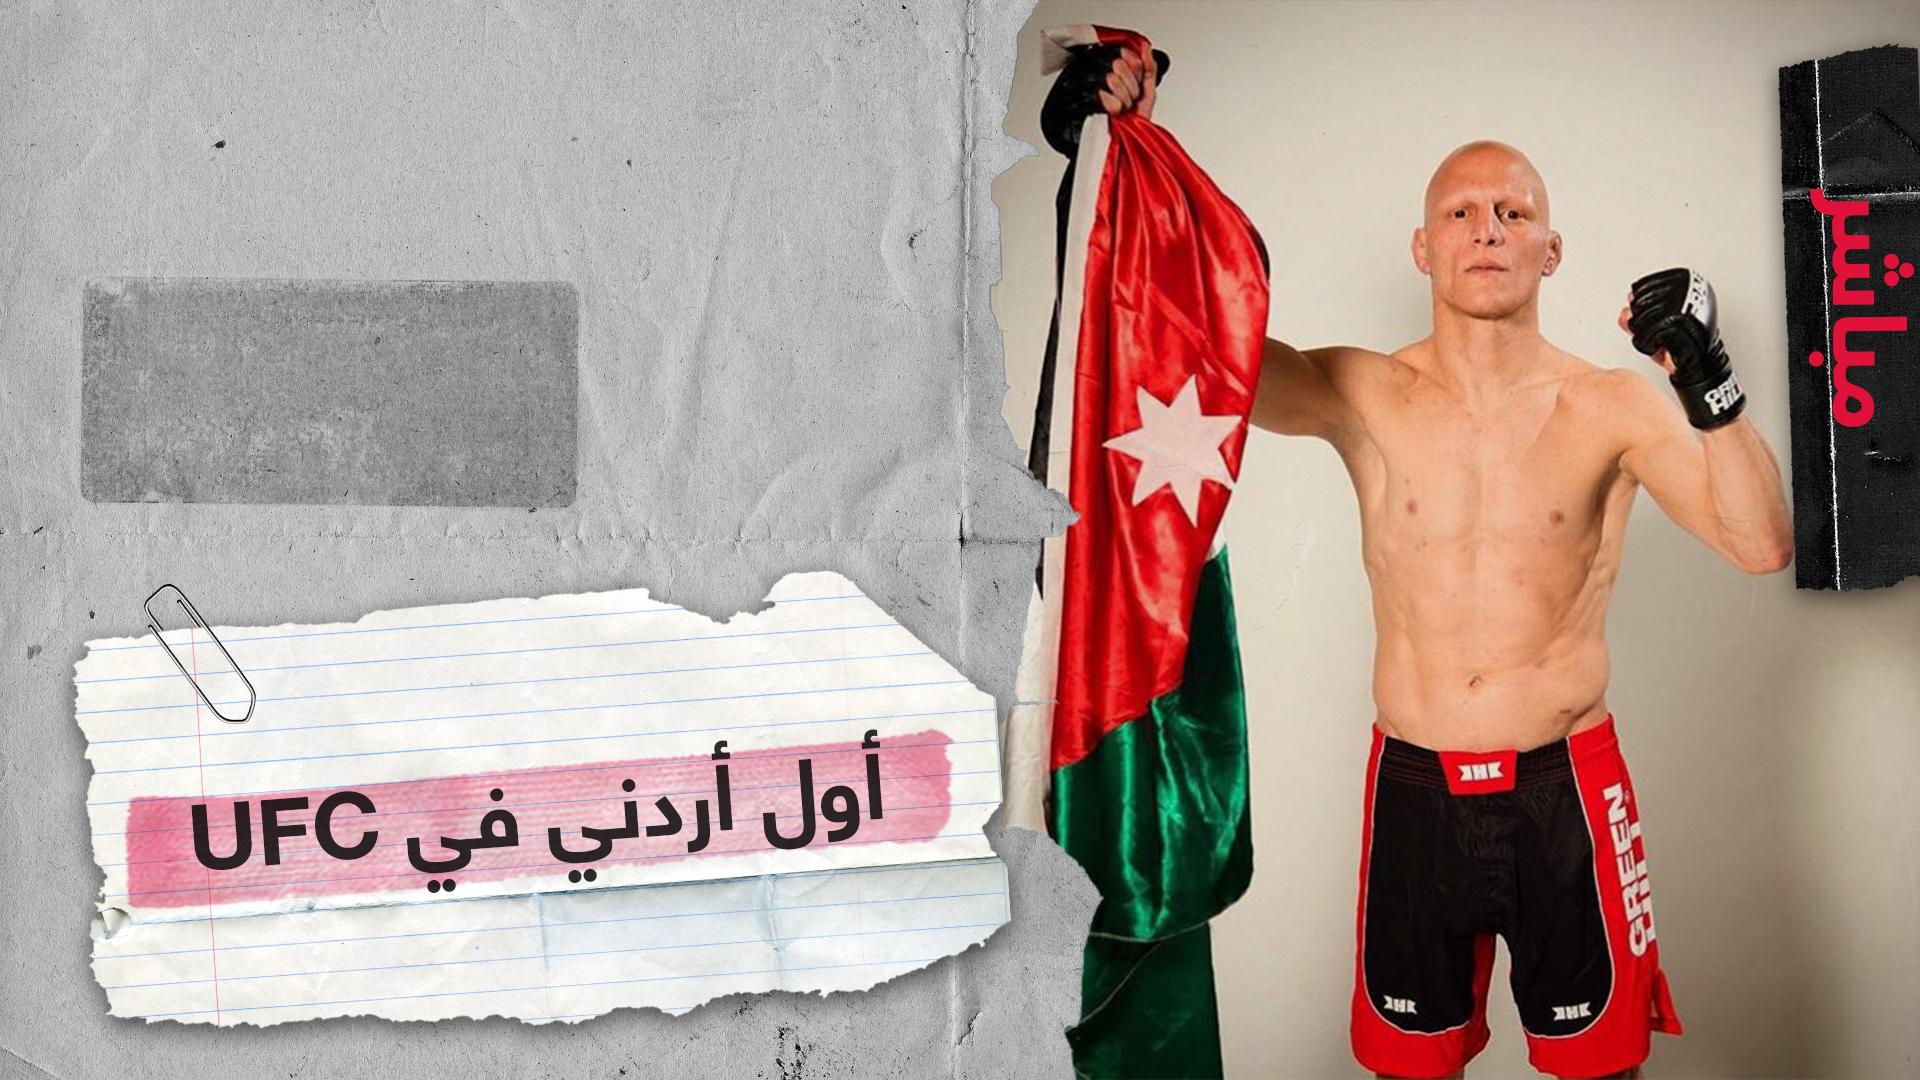 القيسي أول مقاتل يمثل الأردن في UFC يستعد لنزاله الأول بالبطولة نهاية الأسبوع